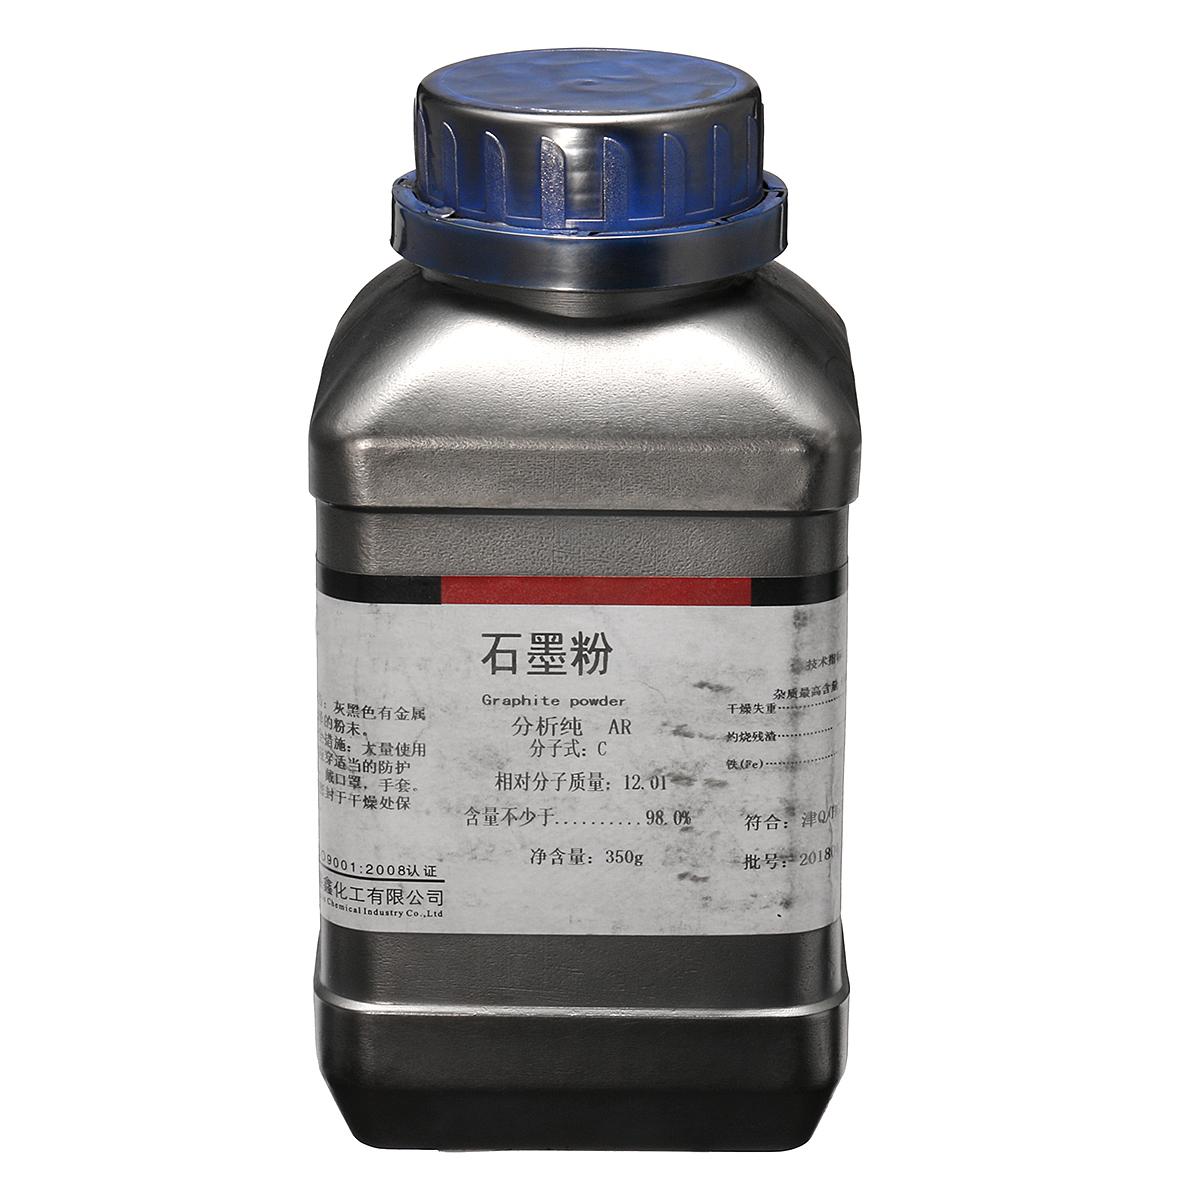 350 г Порошок черного графита 5 Микрона ультра тонкий 99,9% Чистый Военный Сорт - фото 6